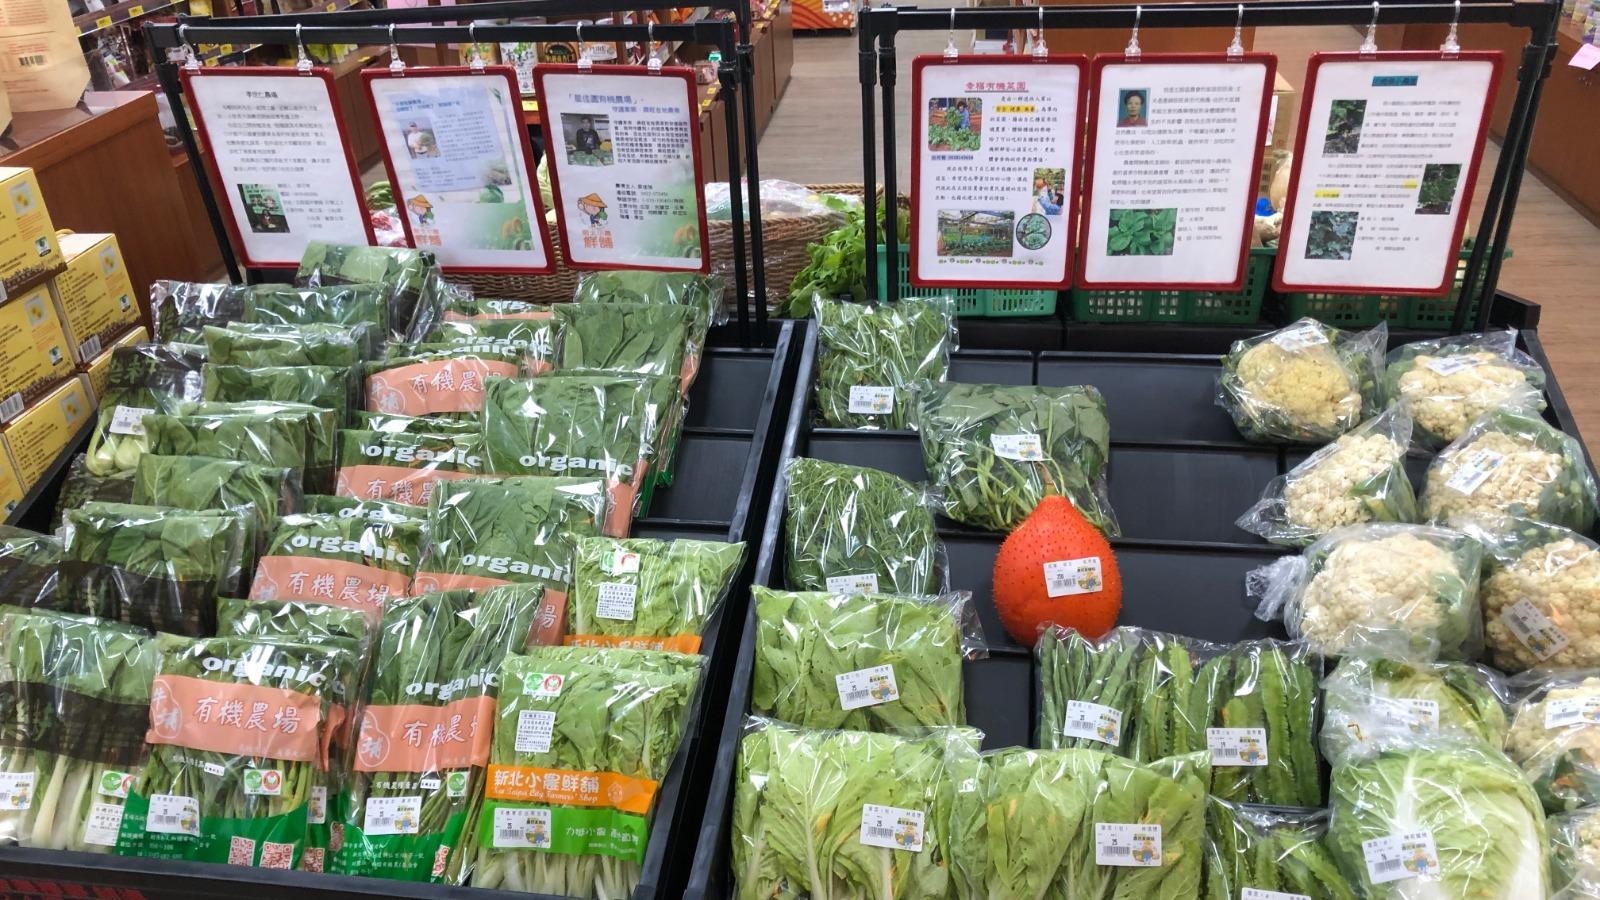 產品皆有完整包裝及農場資訊